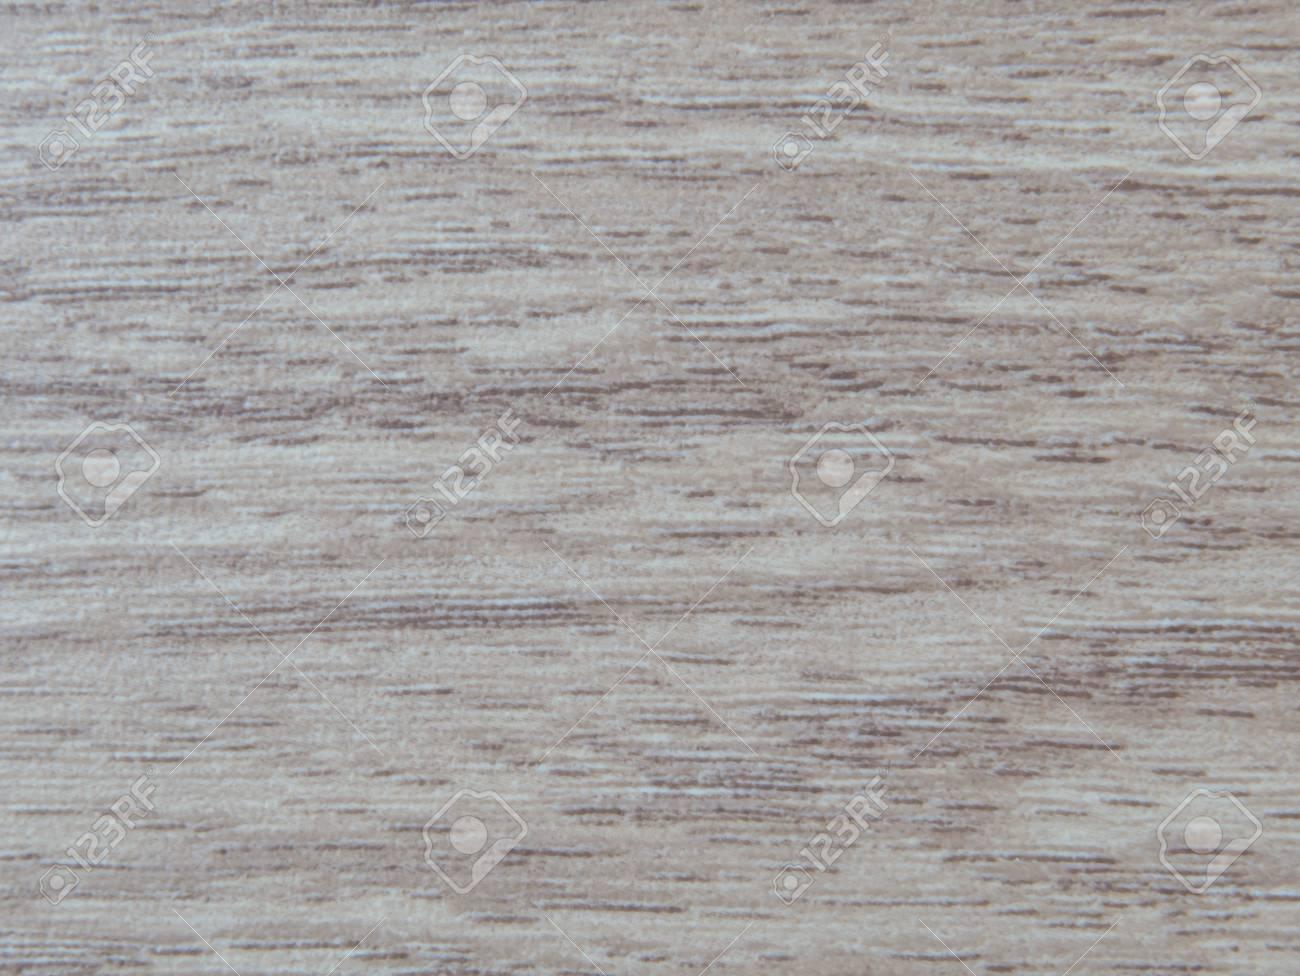 Marmor Fliesen Textur Grau Grau Grauer Marmor Textur Textur